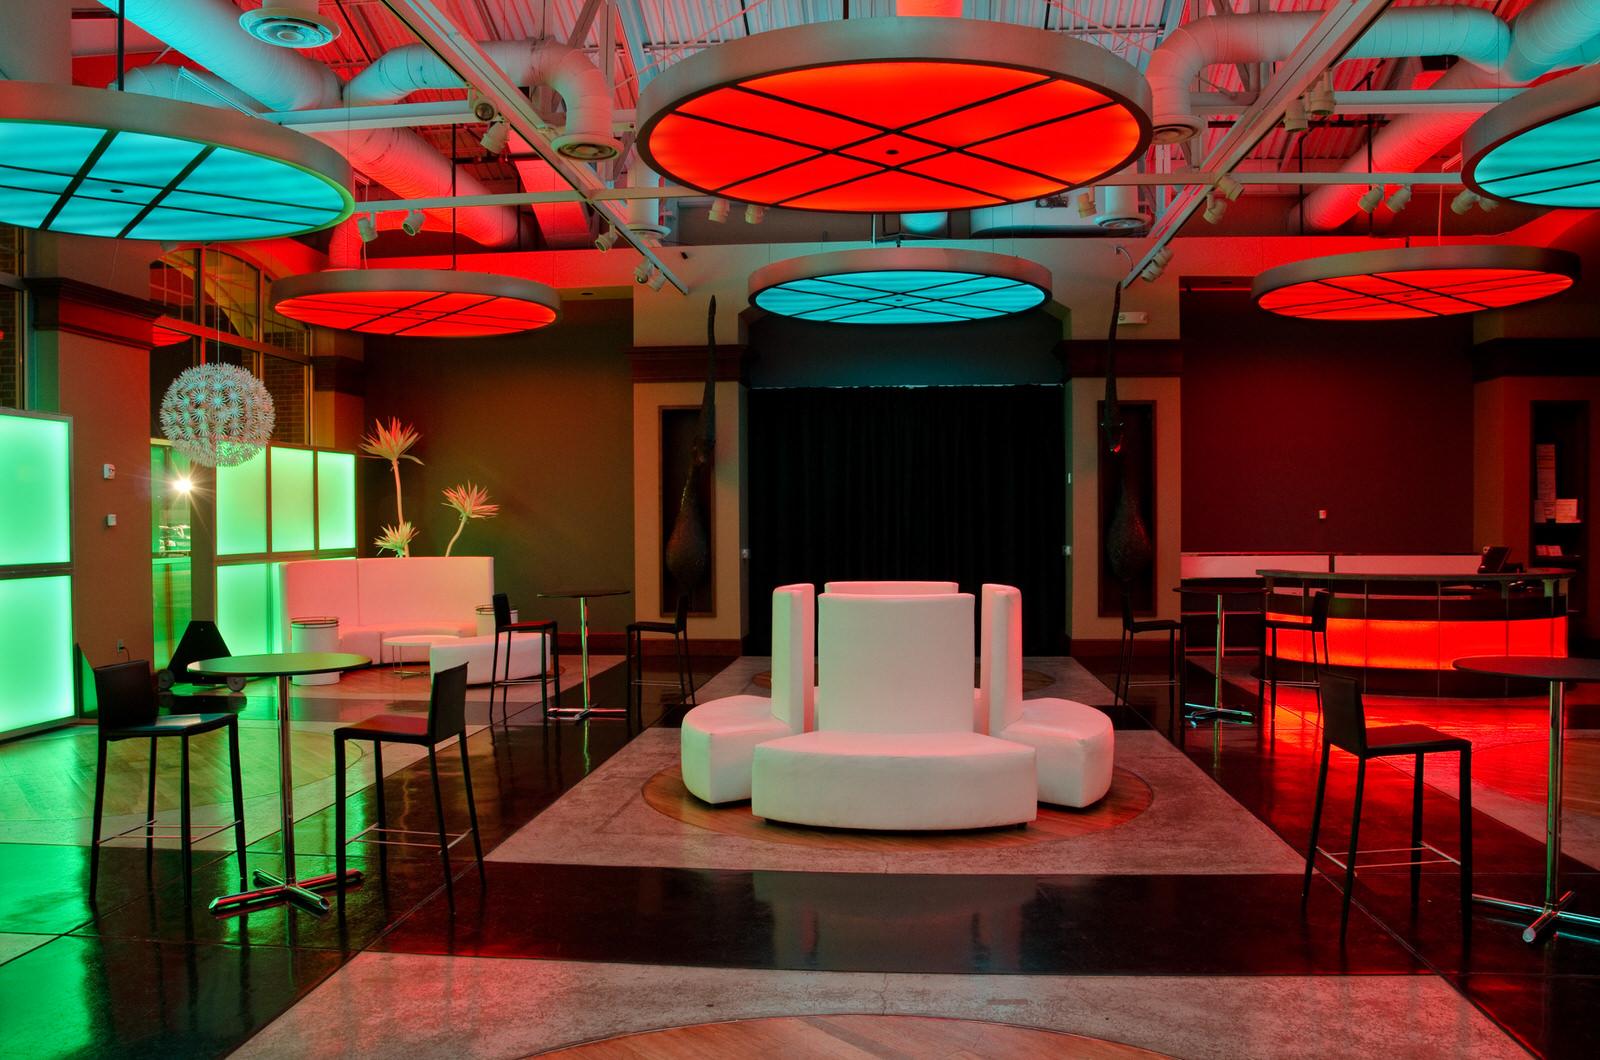 Abode-Venue-Lighting-DSC_3119.jpg